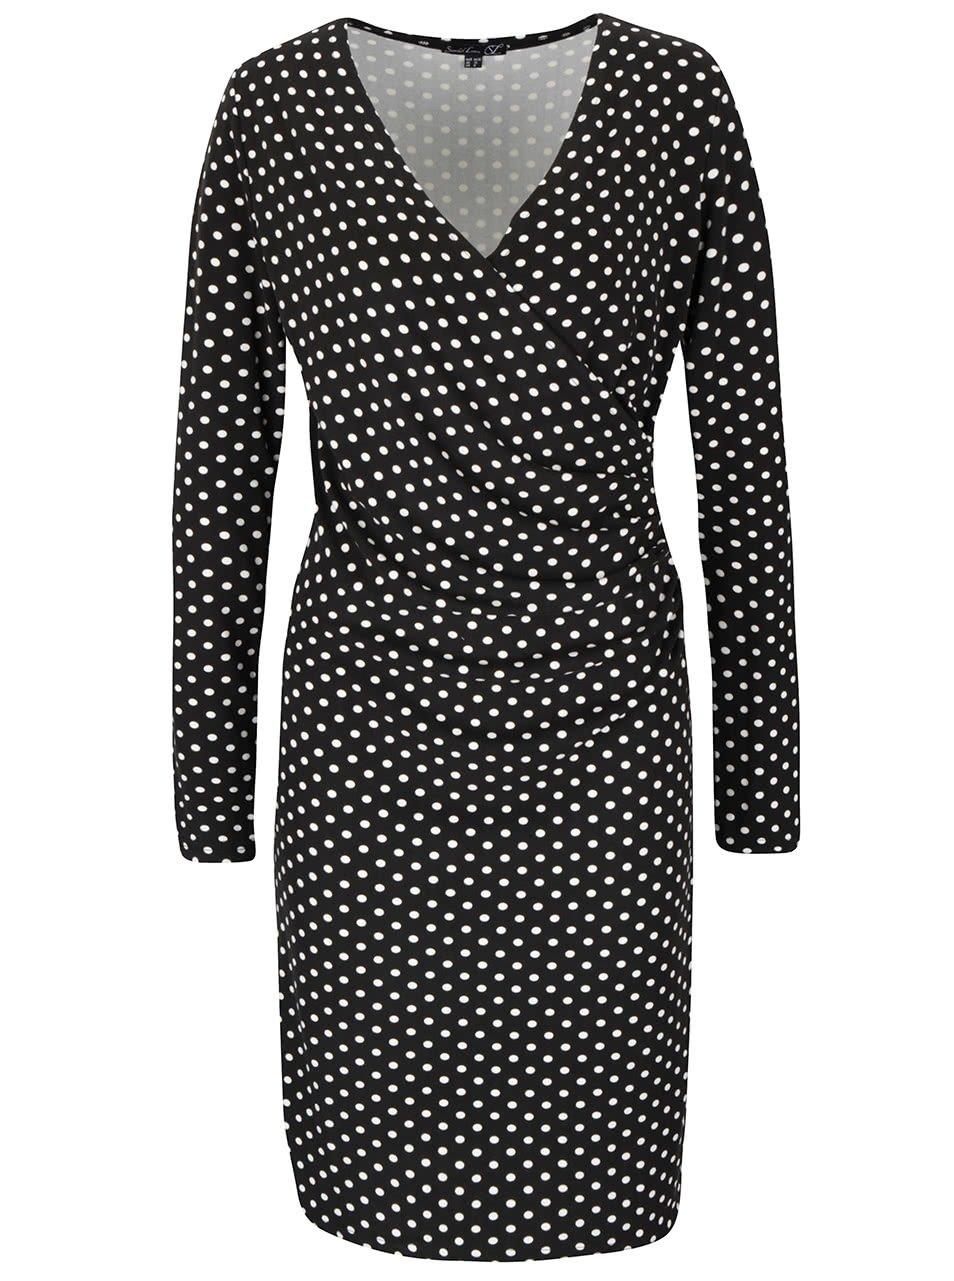 Černé puntíkované šaty s překládaným dekoltem Smashed Lemon